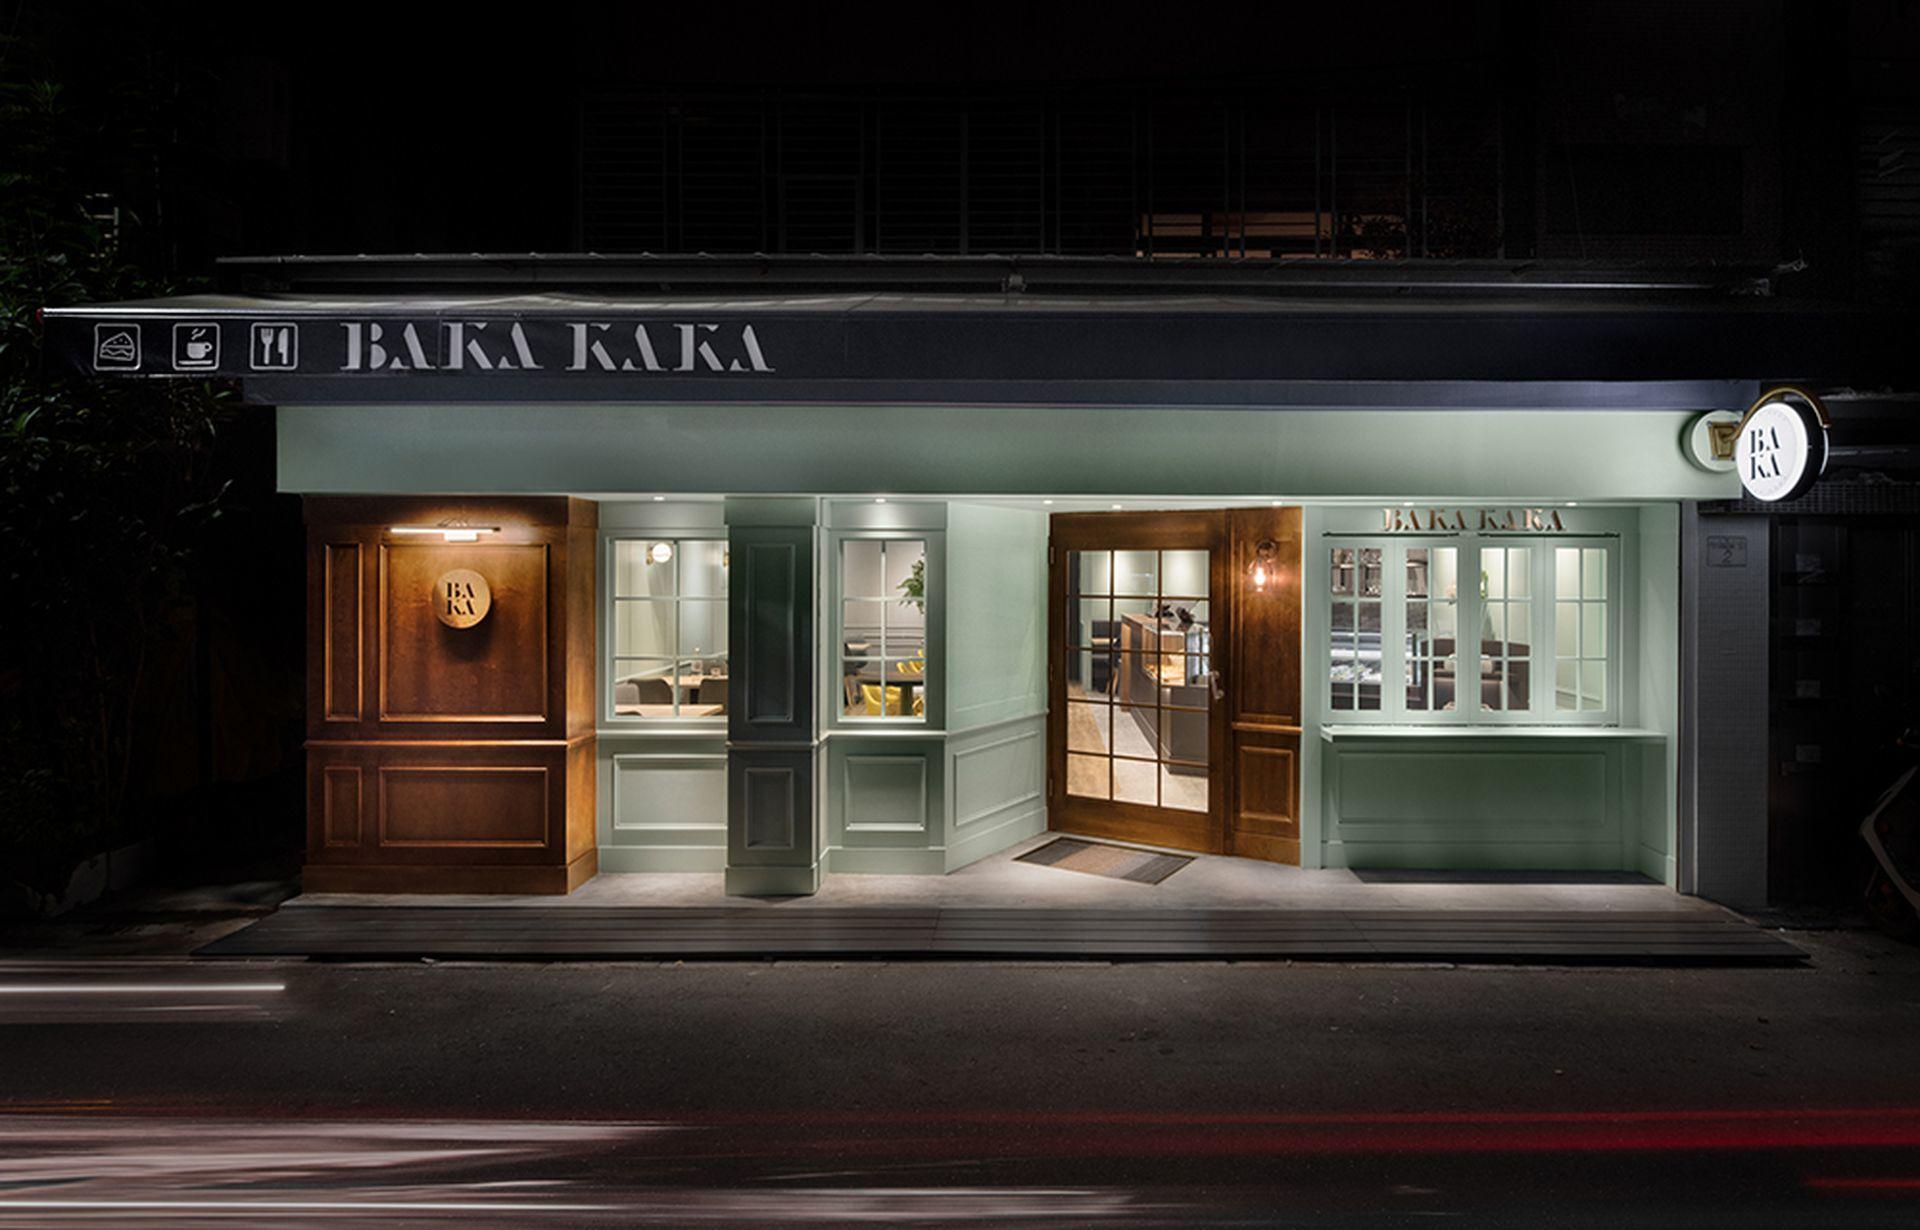 Baka kaka_內湖店,Classical